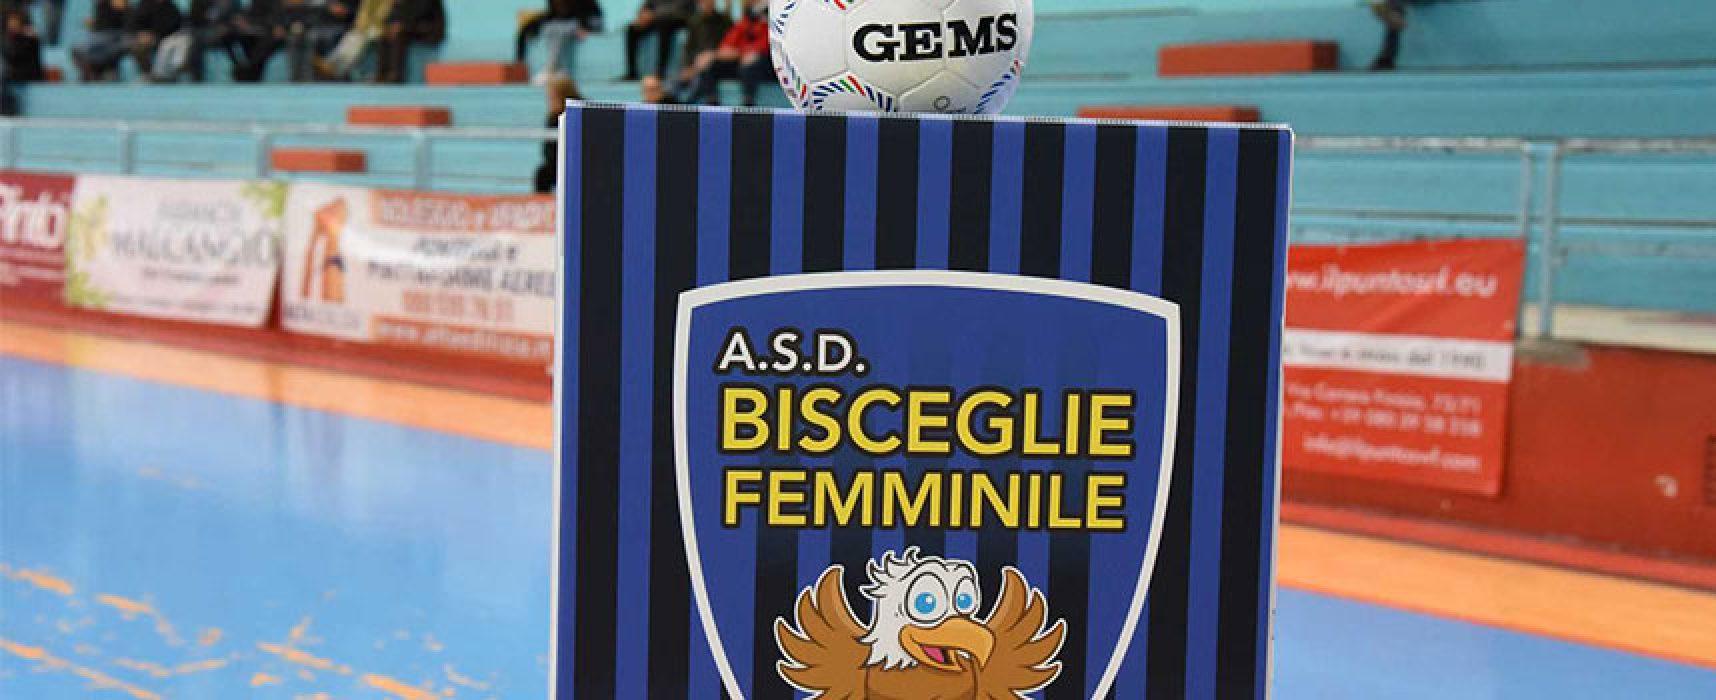 Bisceglie Femminile stasera in cerca di riscatto contro il Futsal Cagliari